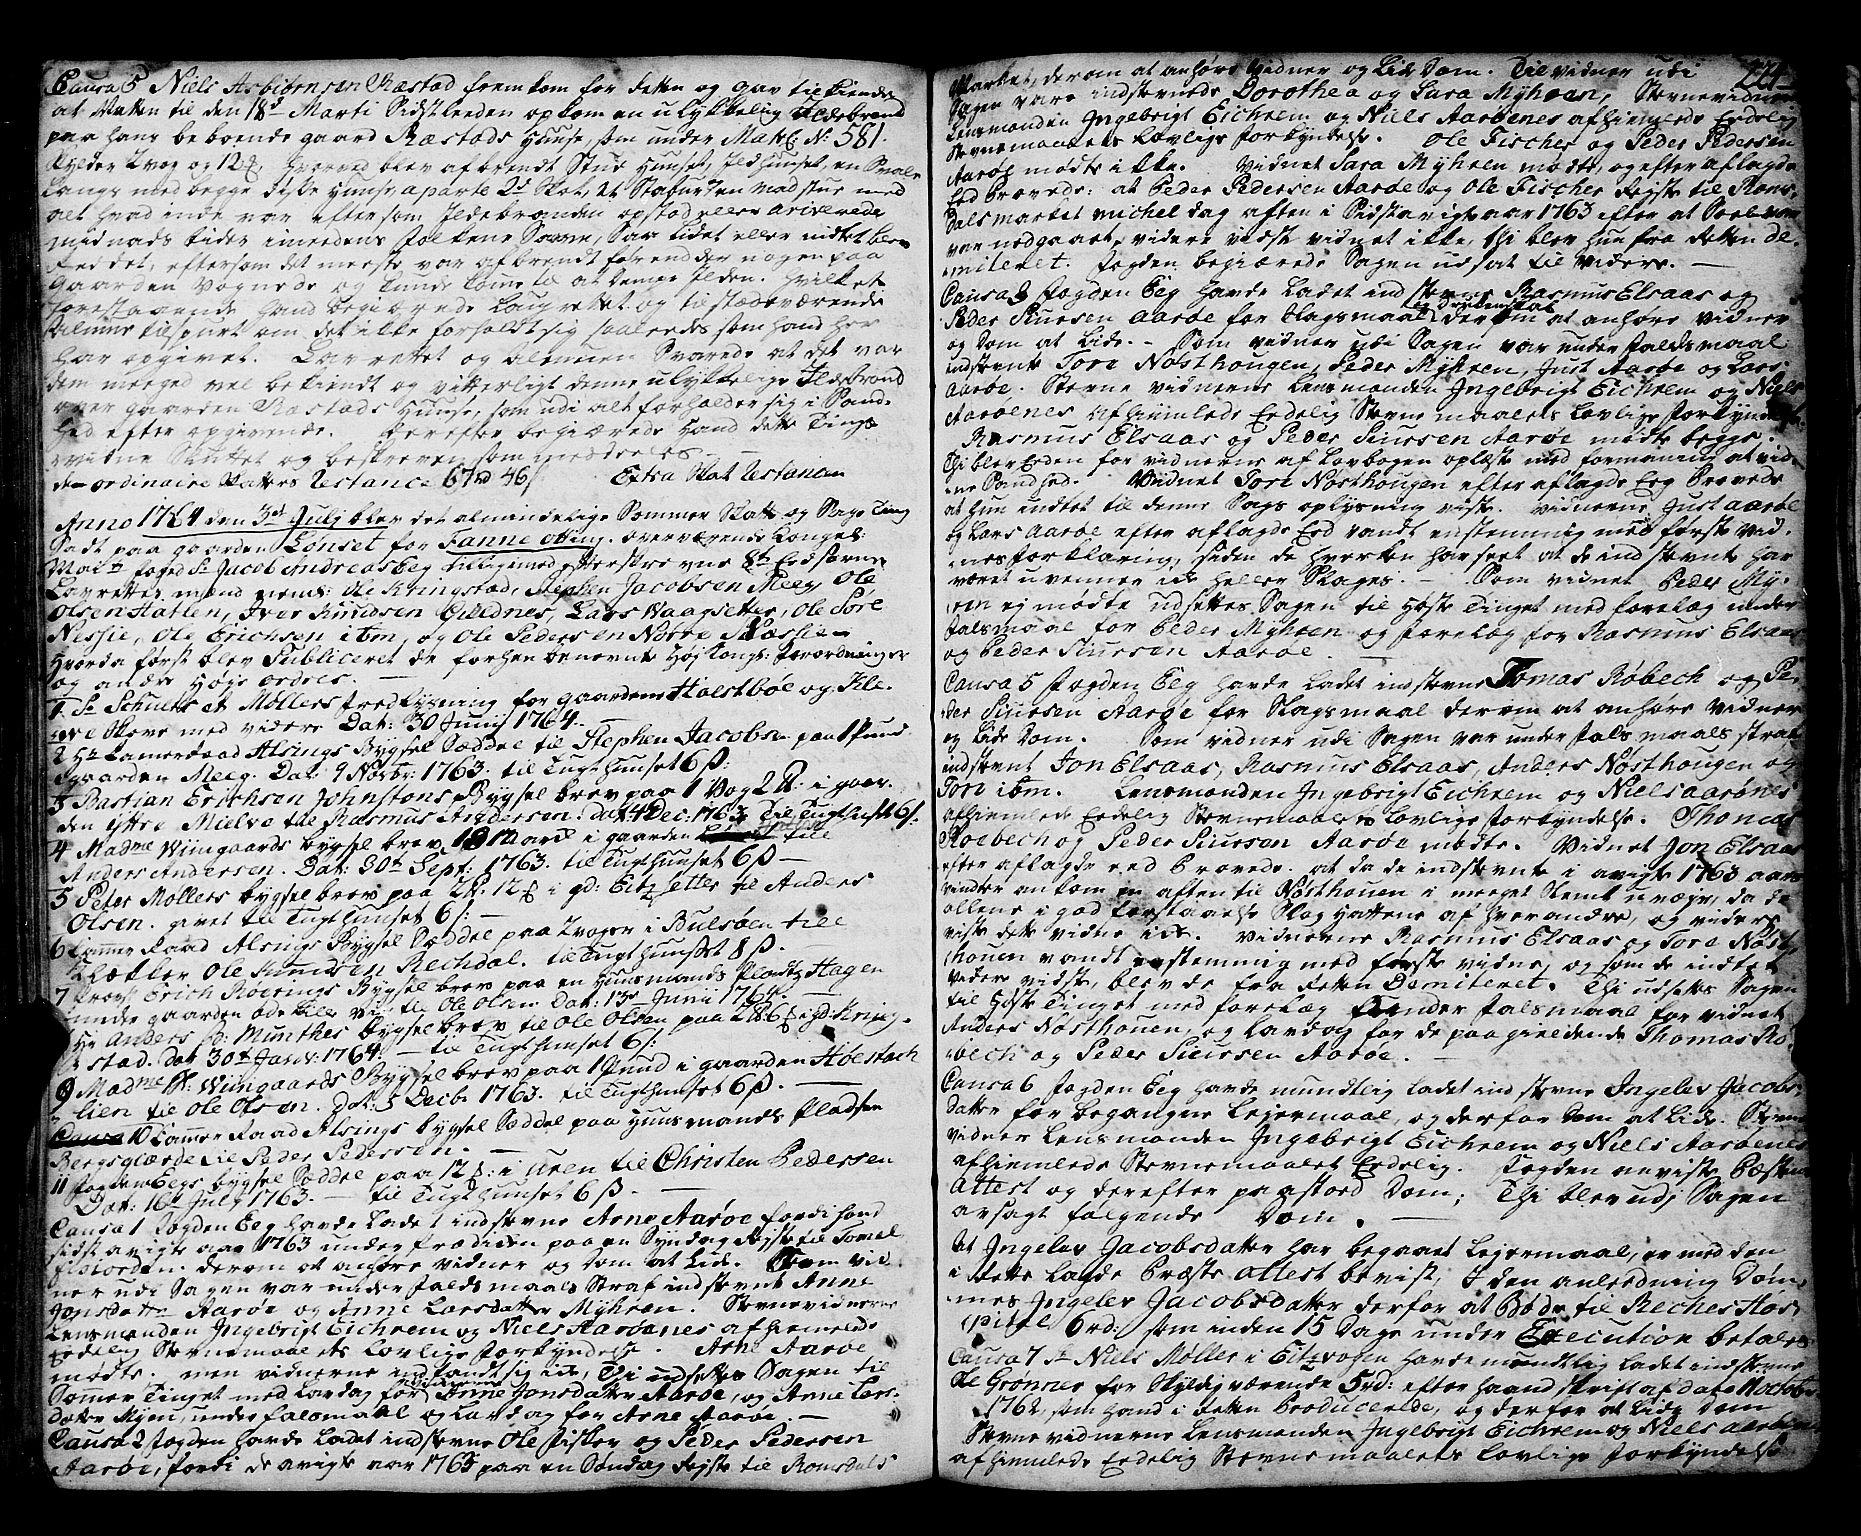 SAT, Romsdal sorenskriveri, 1/1A/L0014: Tingbok, 1757-1765, s. 224